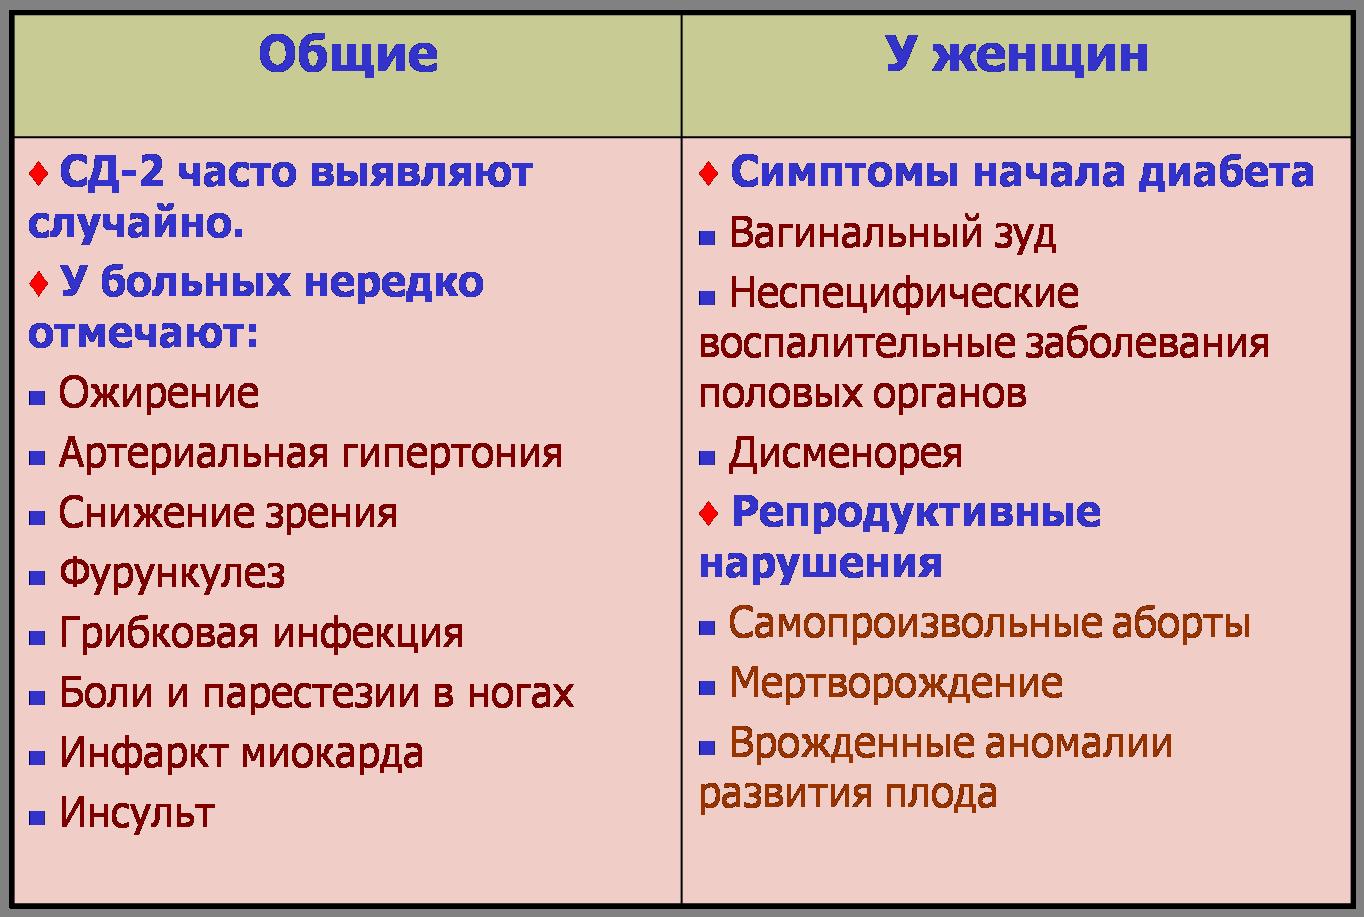 Краснодарское диабетическое общество